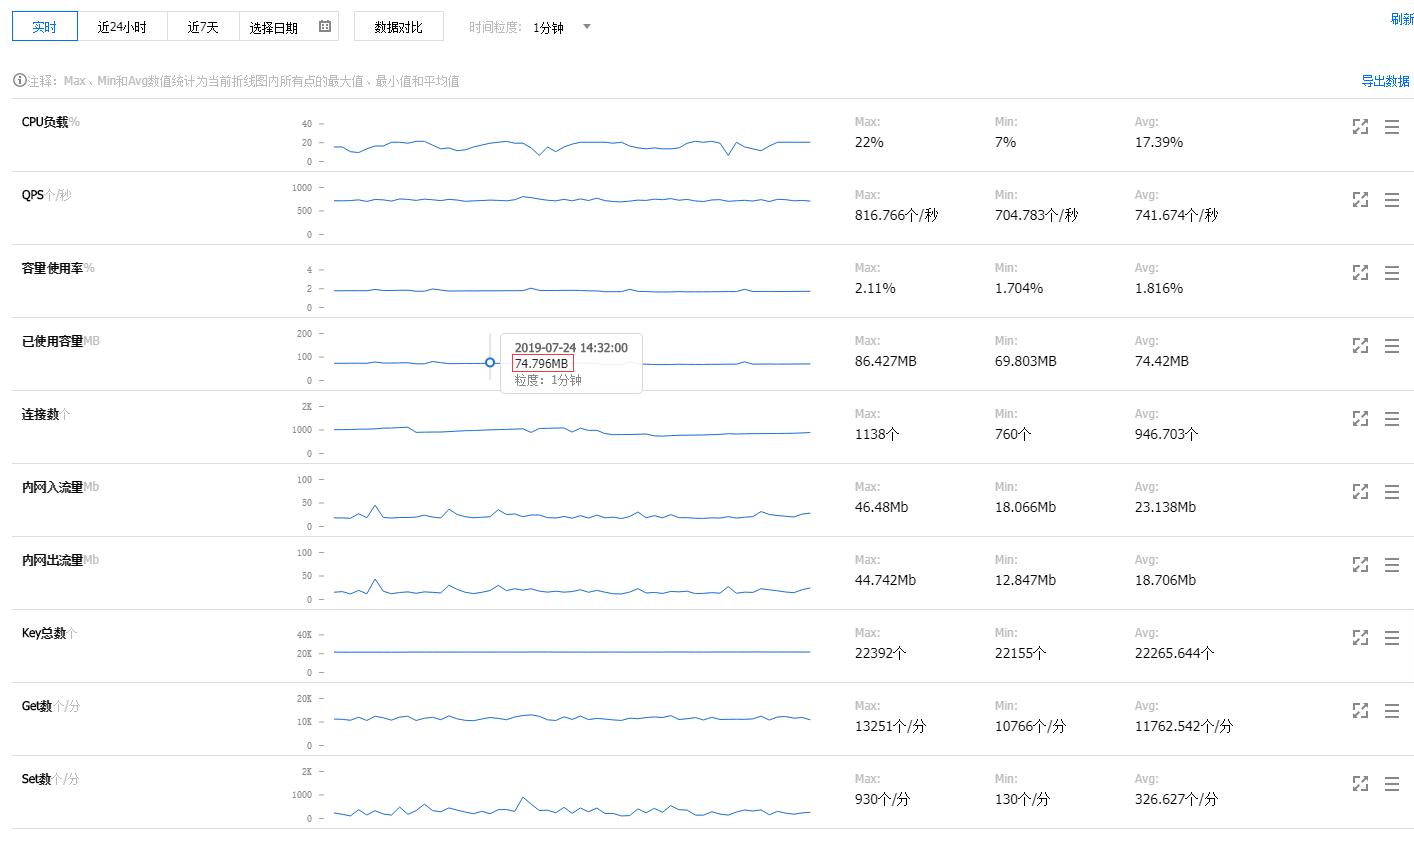 查看 Redis 的实例监控情况,已使用容量:75MB